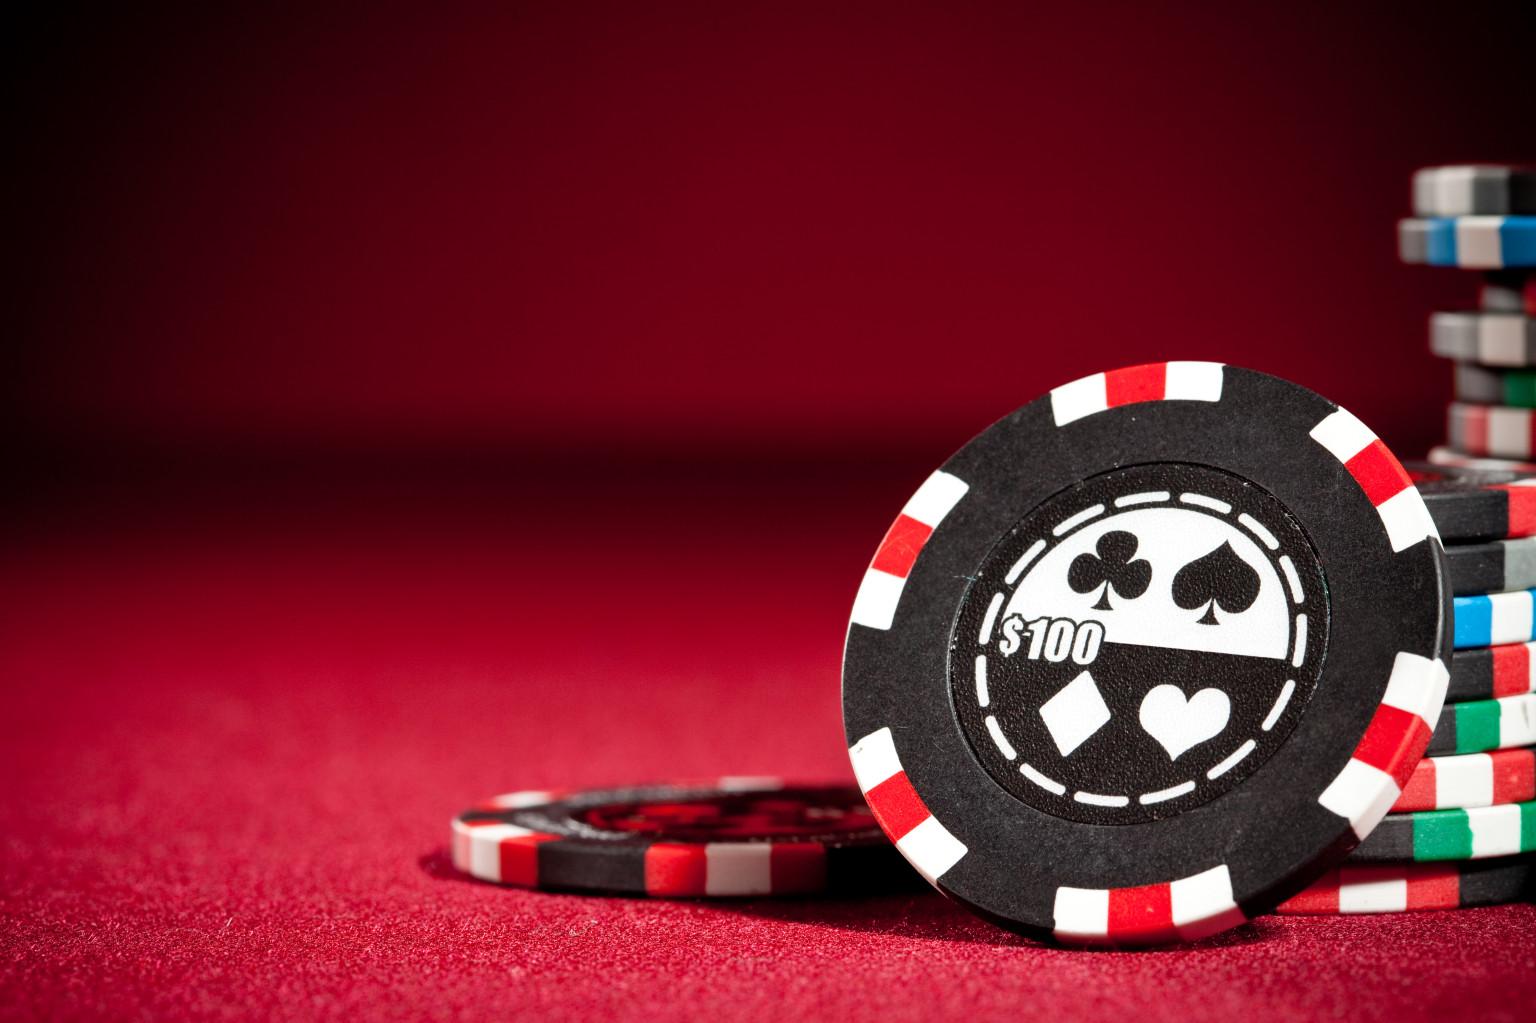 Casino français en ligne : quel est le jeu qui rapporte le plus ?